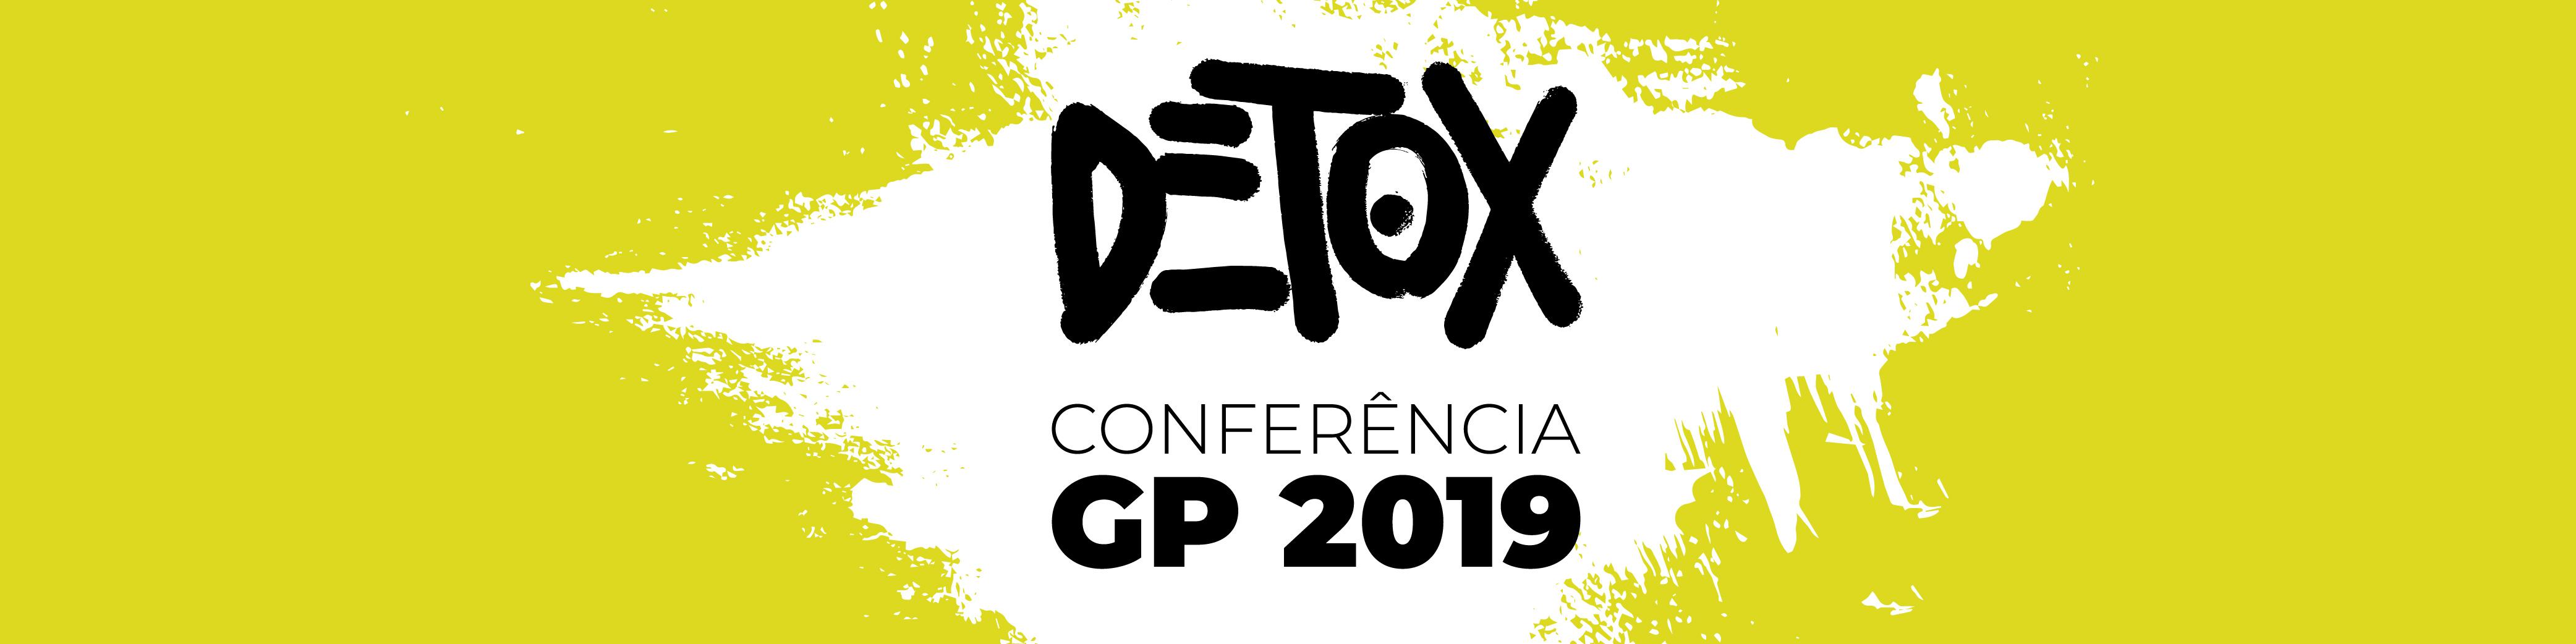 Detox na Estratégia de Comunicação é o tema da Conferência 2019 do Grupo de Planejamento